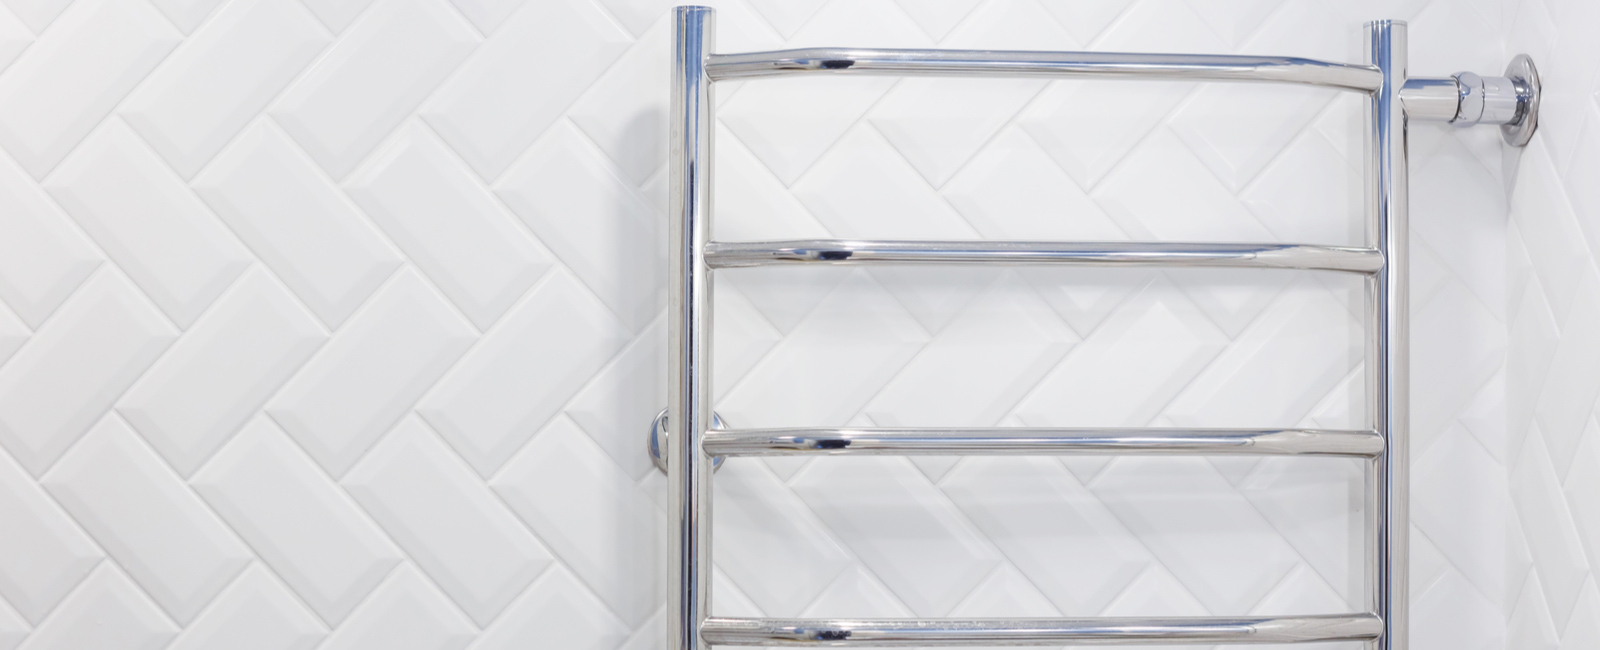 Comment Choisir La Puissance D Un Seche Serviette Electrique comment choisir son radiateur sèche-serviette, ou porte